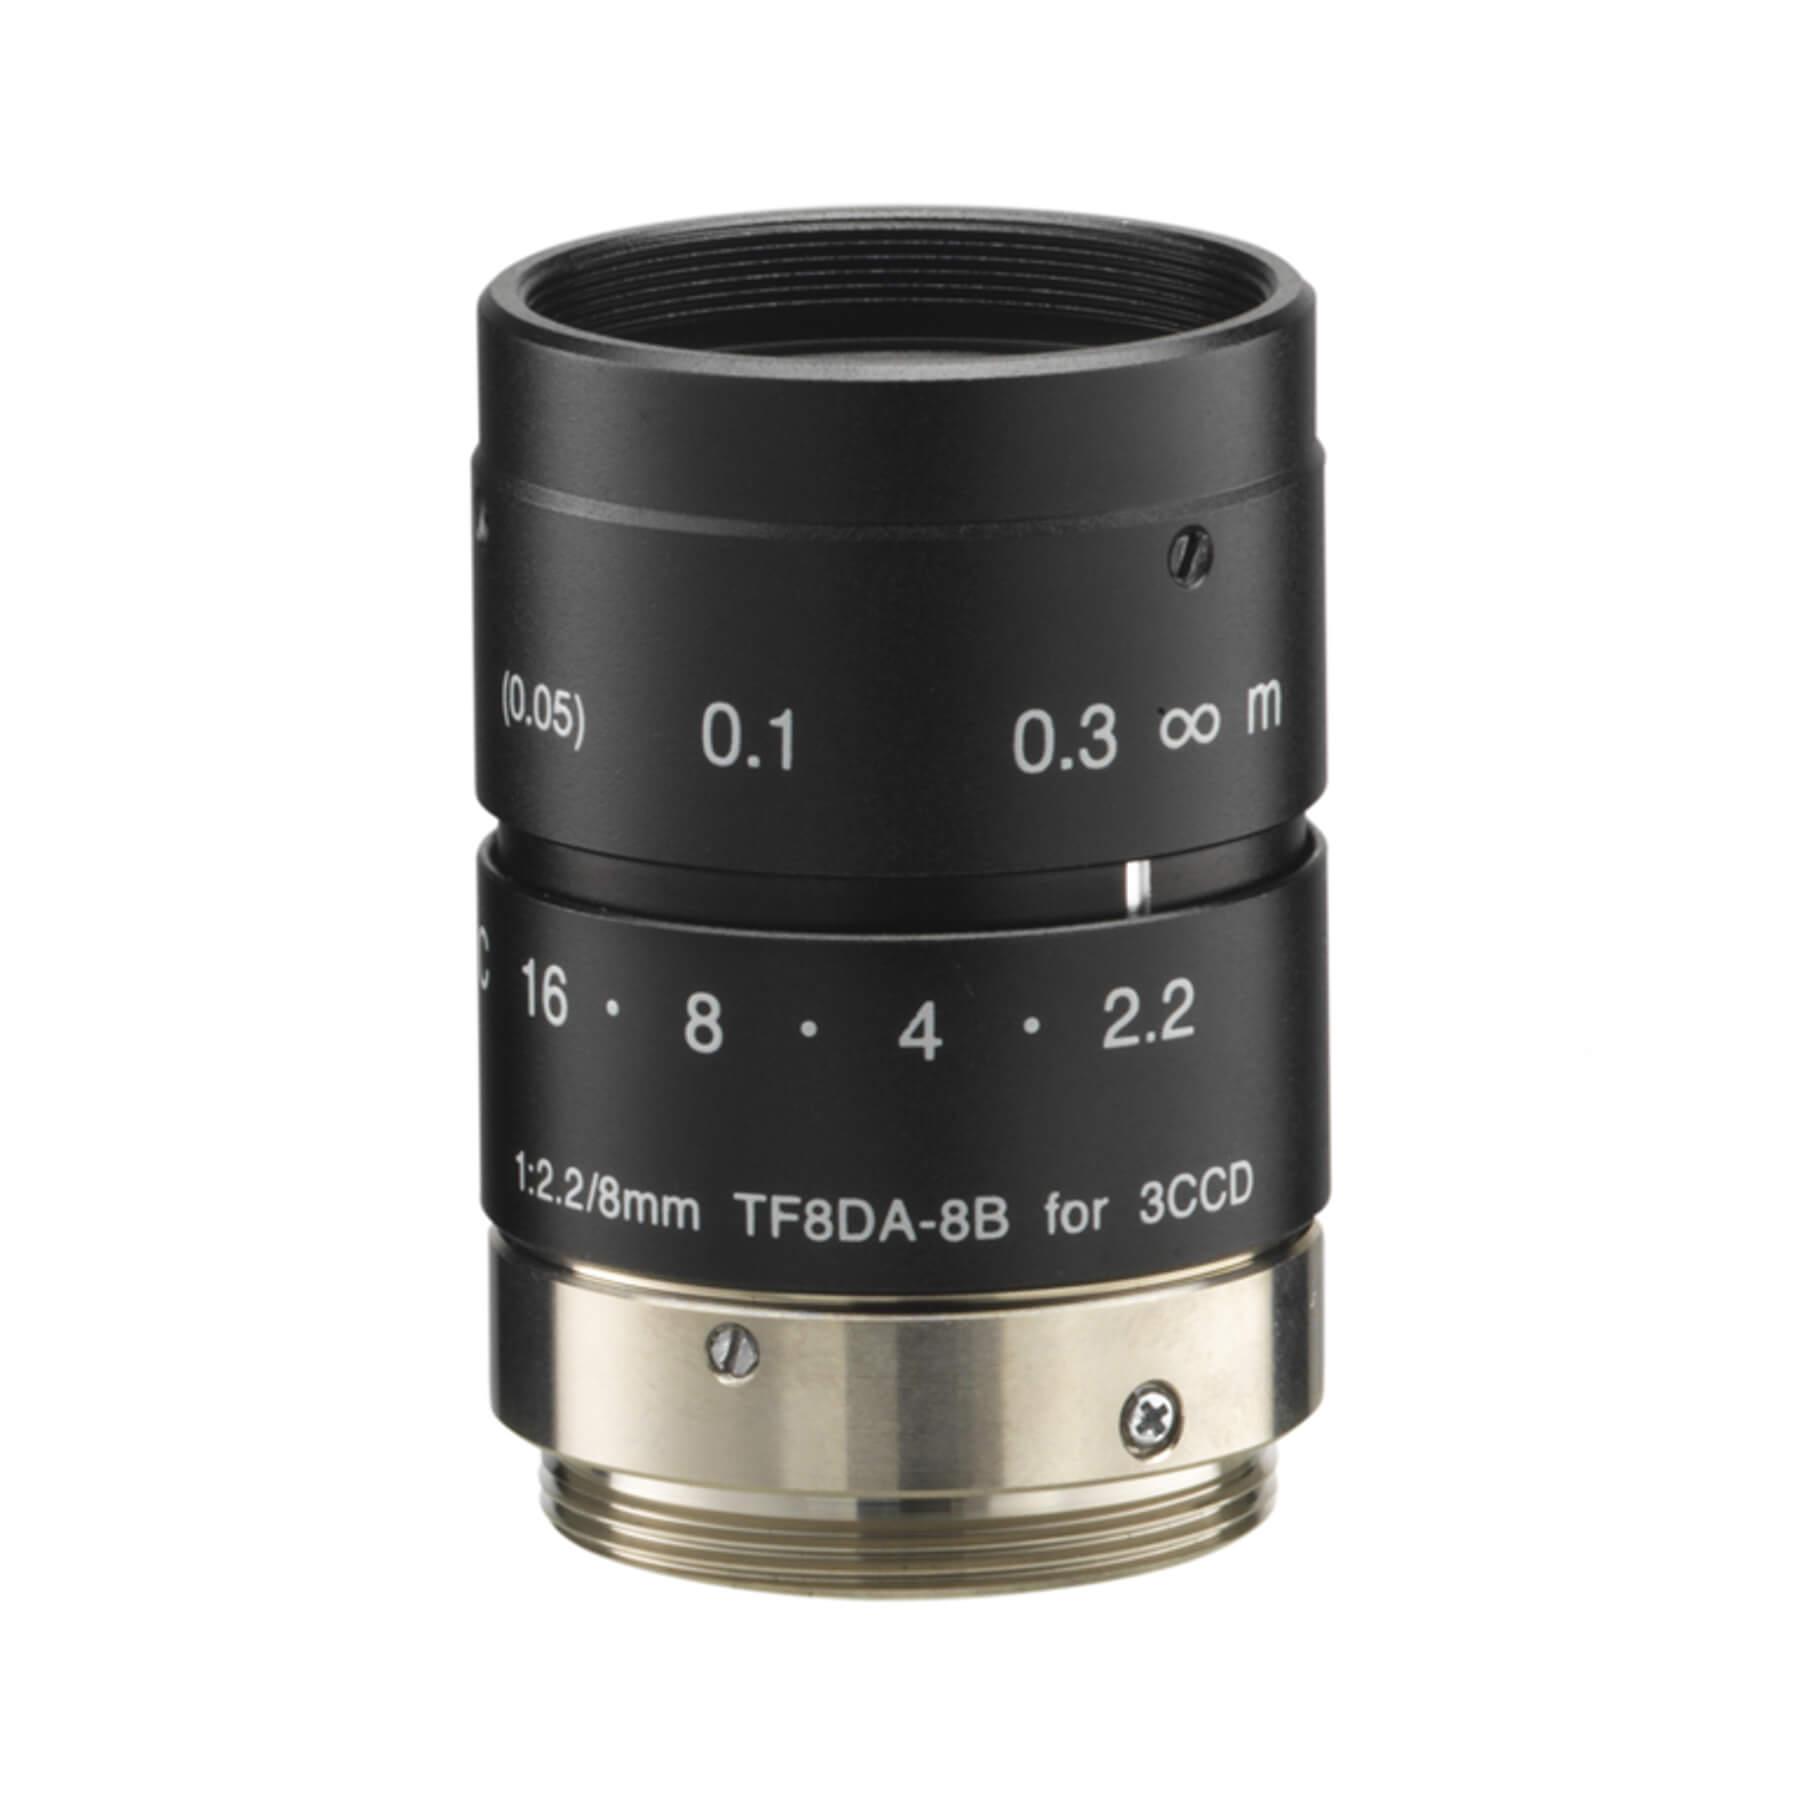 3 CCDCMOS Lenses tf8